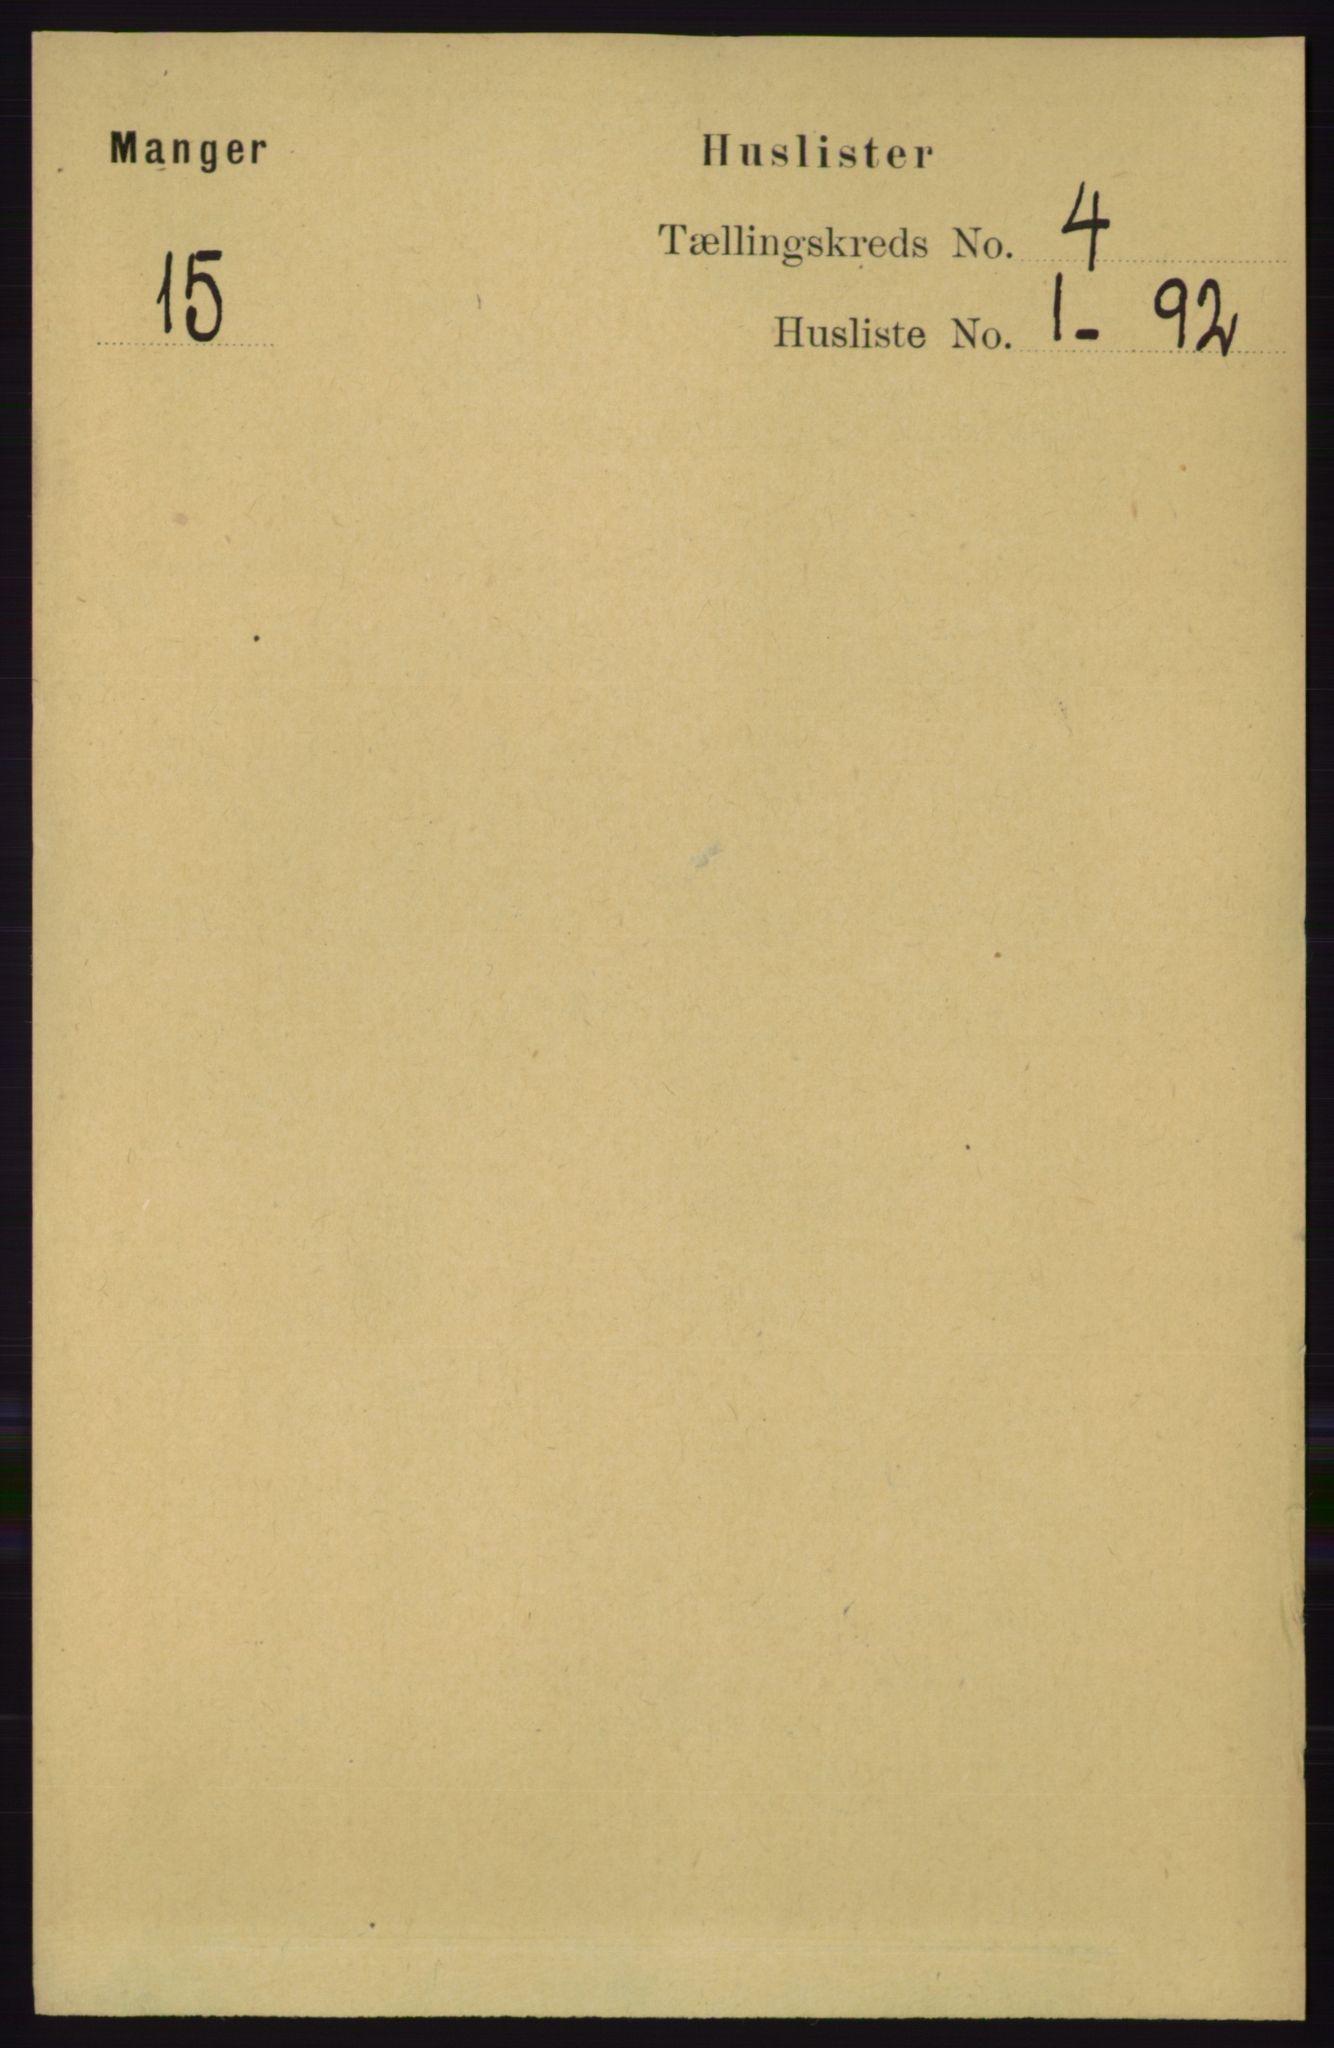 RA, Folketelling 1891 for 1261 Manger herred, 1891, s. 1857